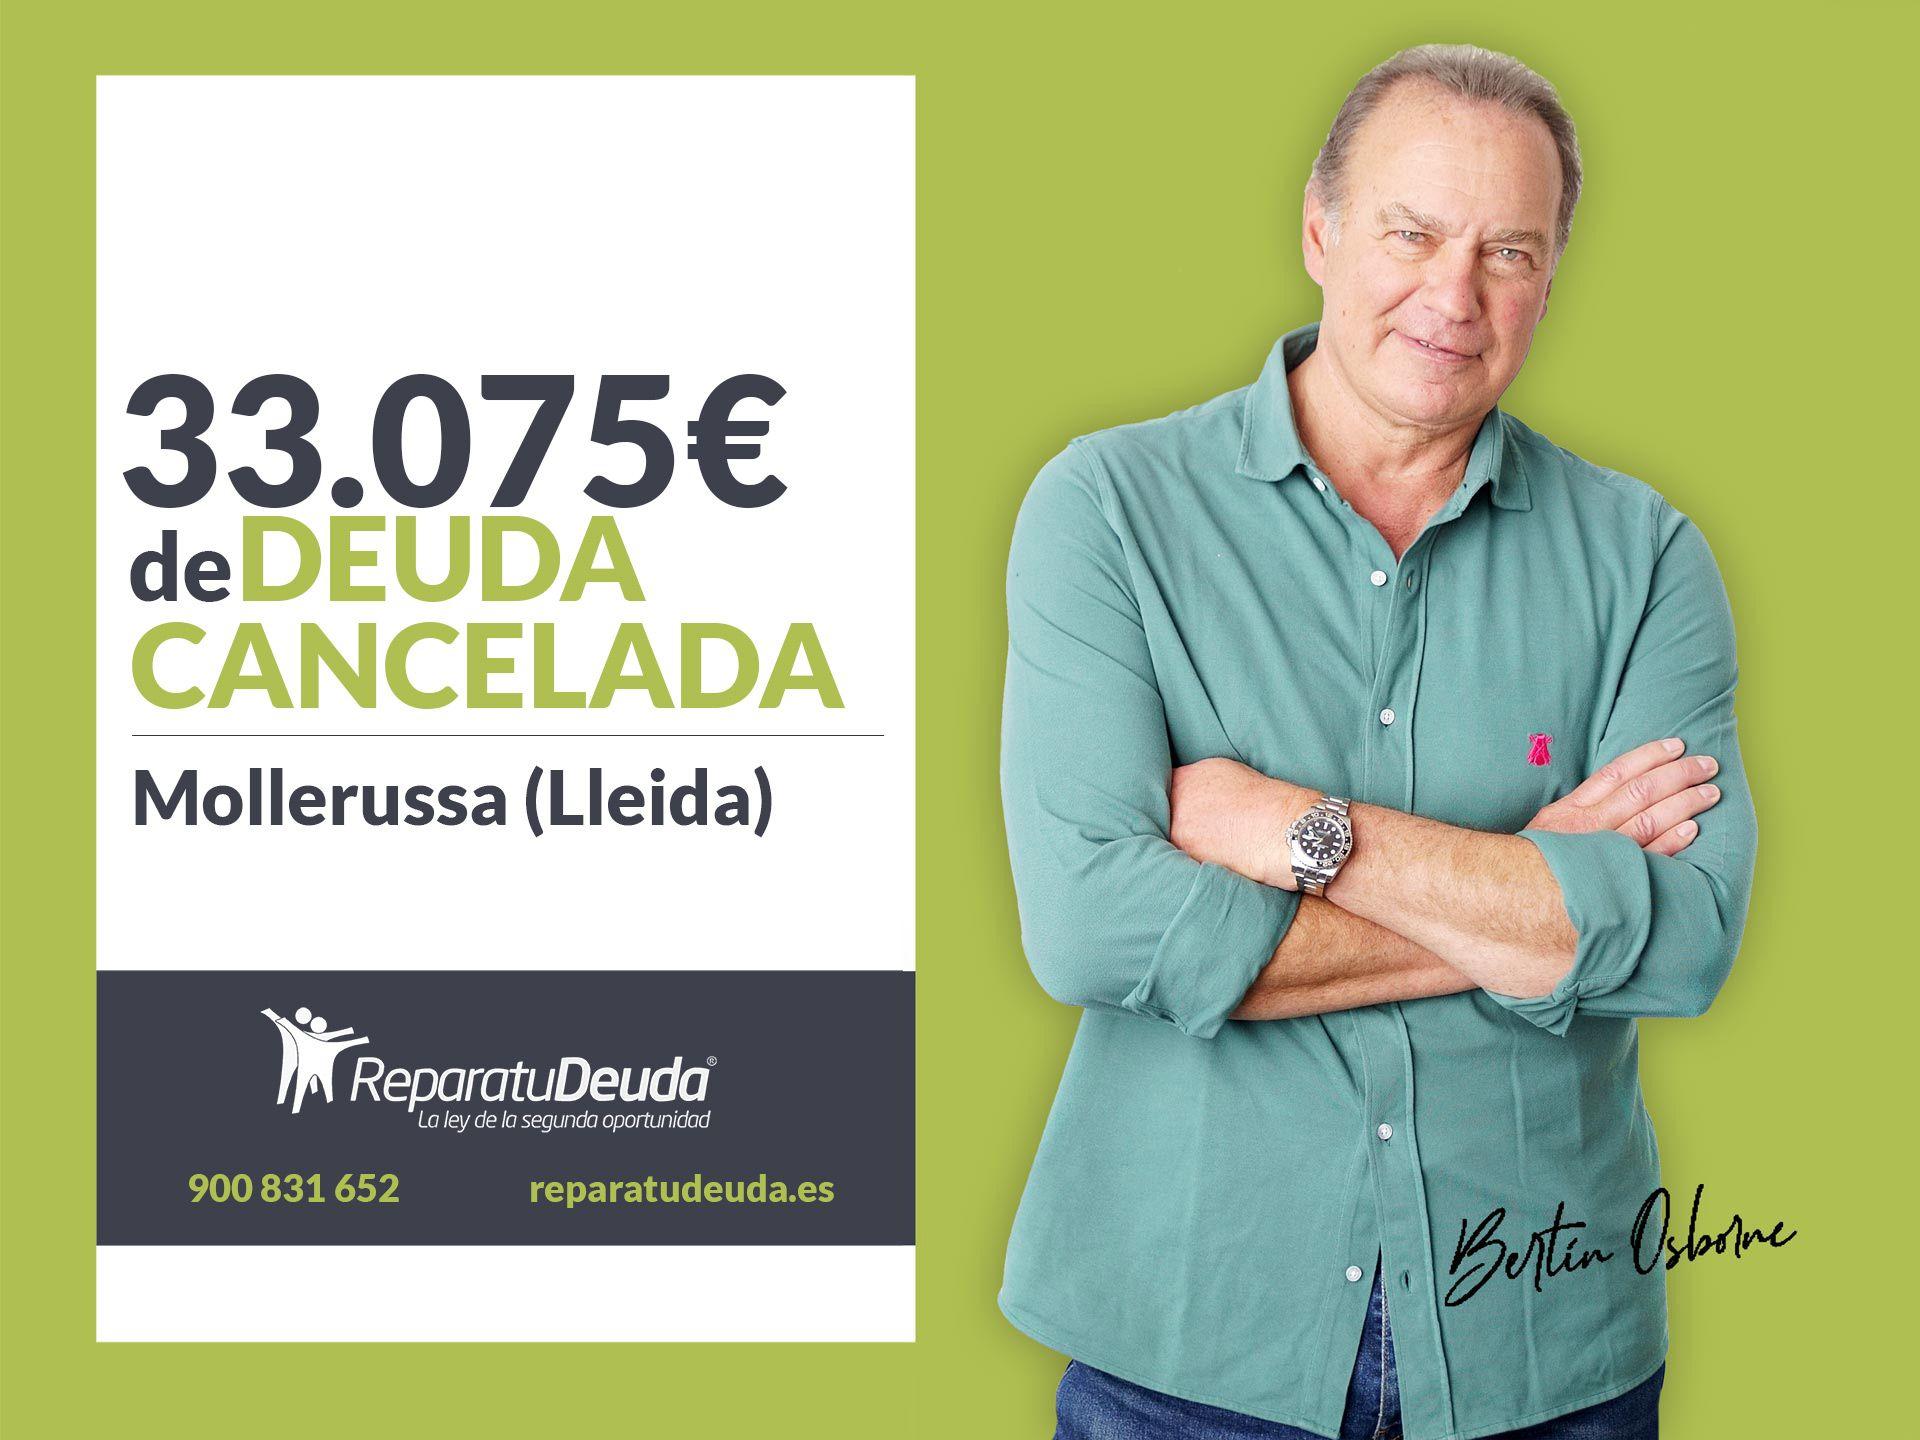 Repara tu Deuda Abogados cancela 33.075€ en Mollerussa (Lleida) con la Ley de Segunda Oportunidad